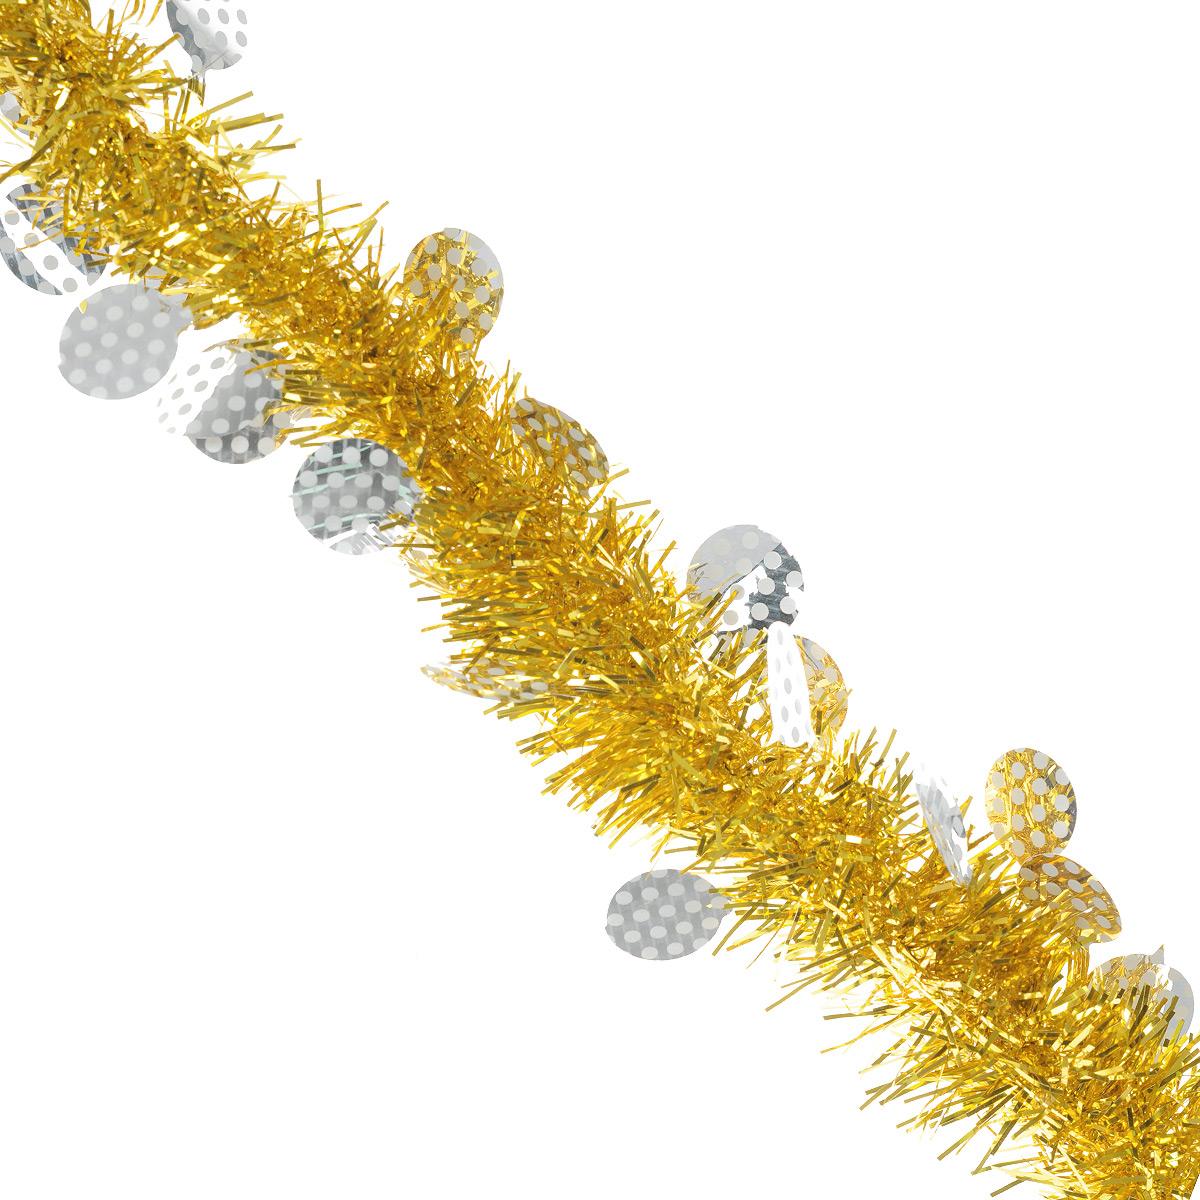 Мишура новогодняя Sima-land, цвет: золотистый, серебристый, диаметр 6 см, длина 200 см. 825975Ф21-1627Пушистая новогодняя мишура Sima-land, выполненная из двухцветной фольги, поможет вам украсить свой дом к предстоящим праздникам. А новогодняя елка с таким украшением станет еще наряднее. Мишура армирована, то есть имеет проволоку внутри и способна сохранять приданную ей форму. Новогодней мишурой можно украсить все, что угодно - елку, квартиру, дачу, офис - как внутри, так и снаружи. Можно сложить новогодние поздравления, буквы и цифры, мишурой можно украсить и дополнить гирлянды, можно выделить дверные колонны, оплести дверные проемы.